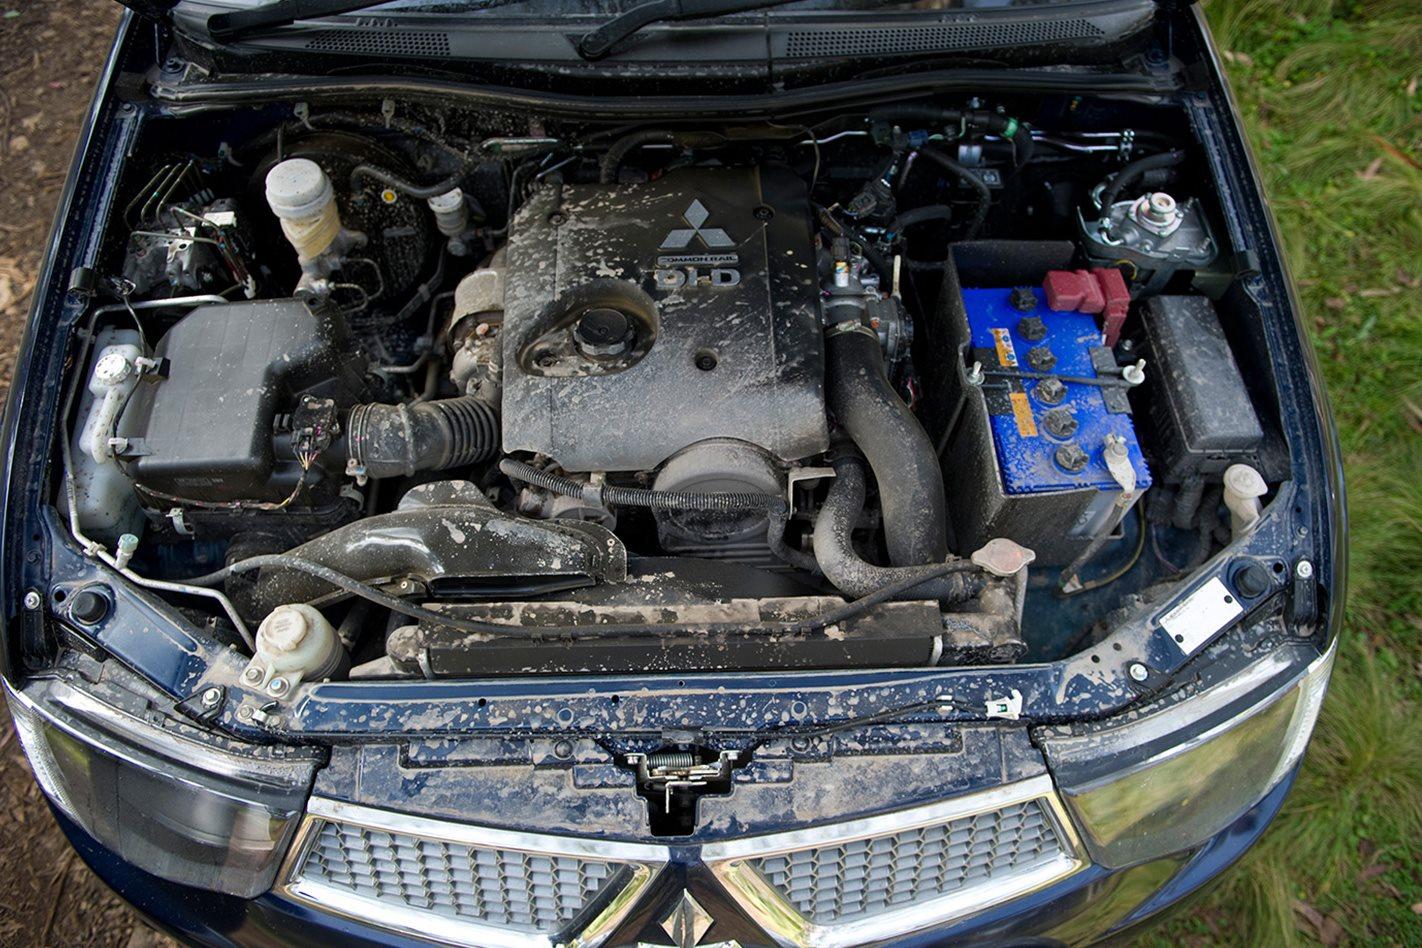 2011-Mitsubishi-Triton-engine.jpg